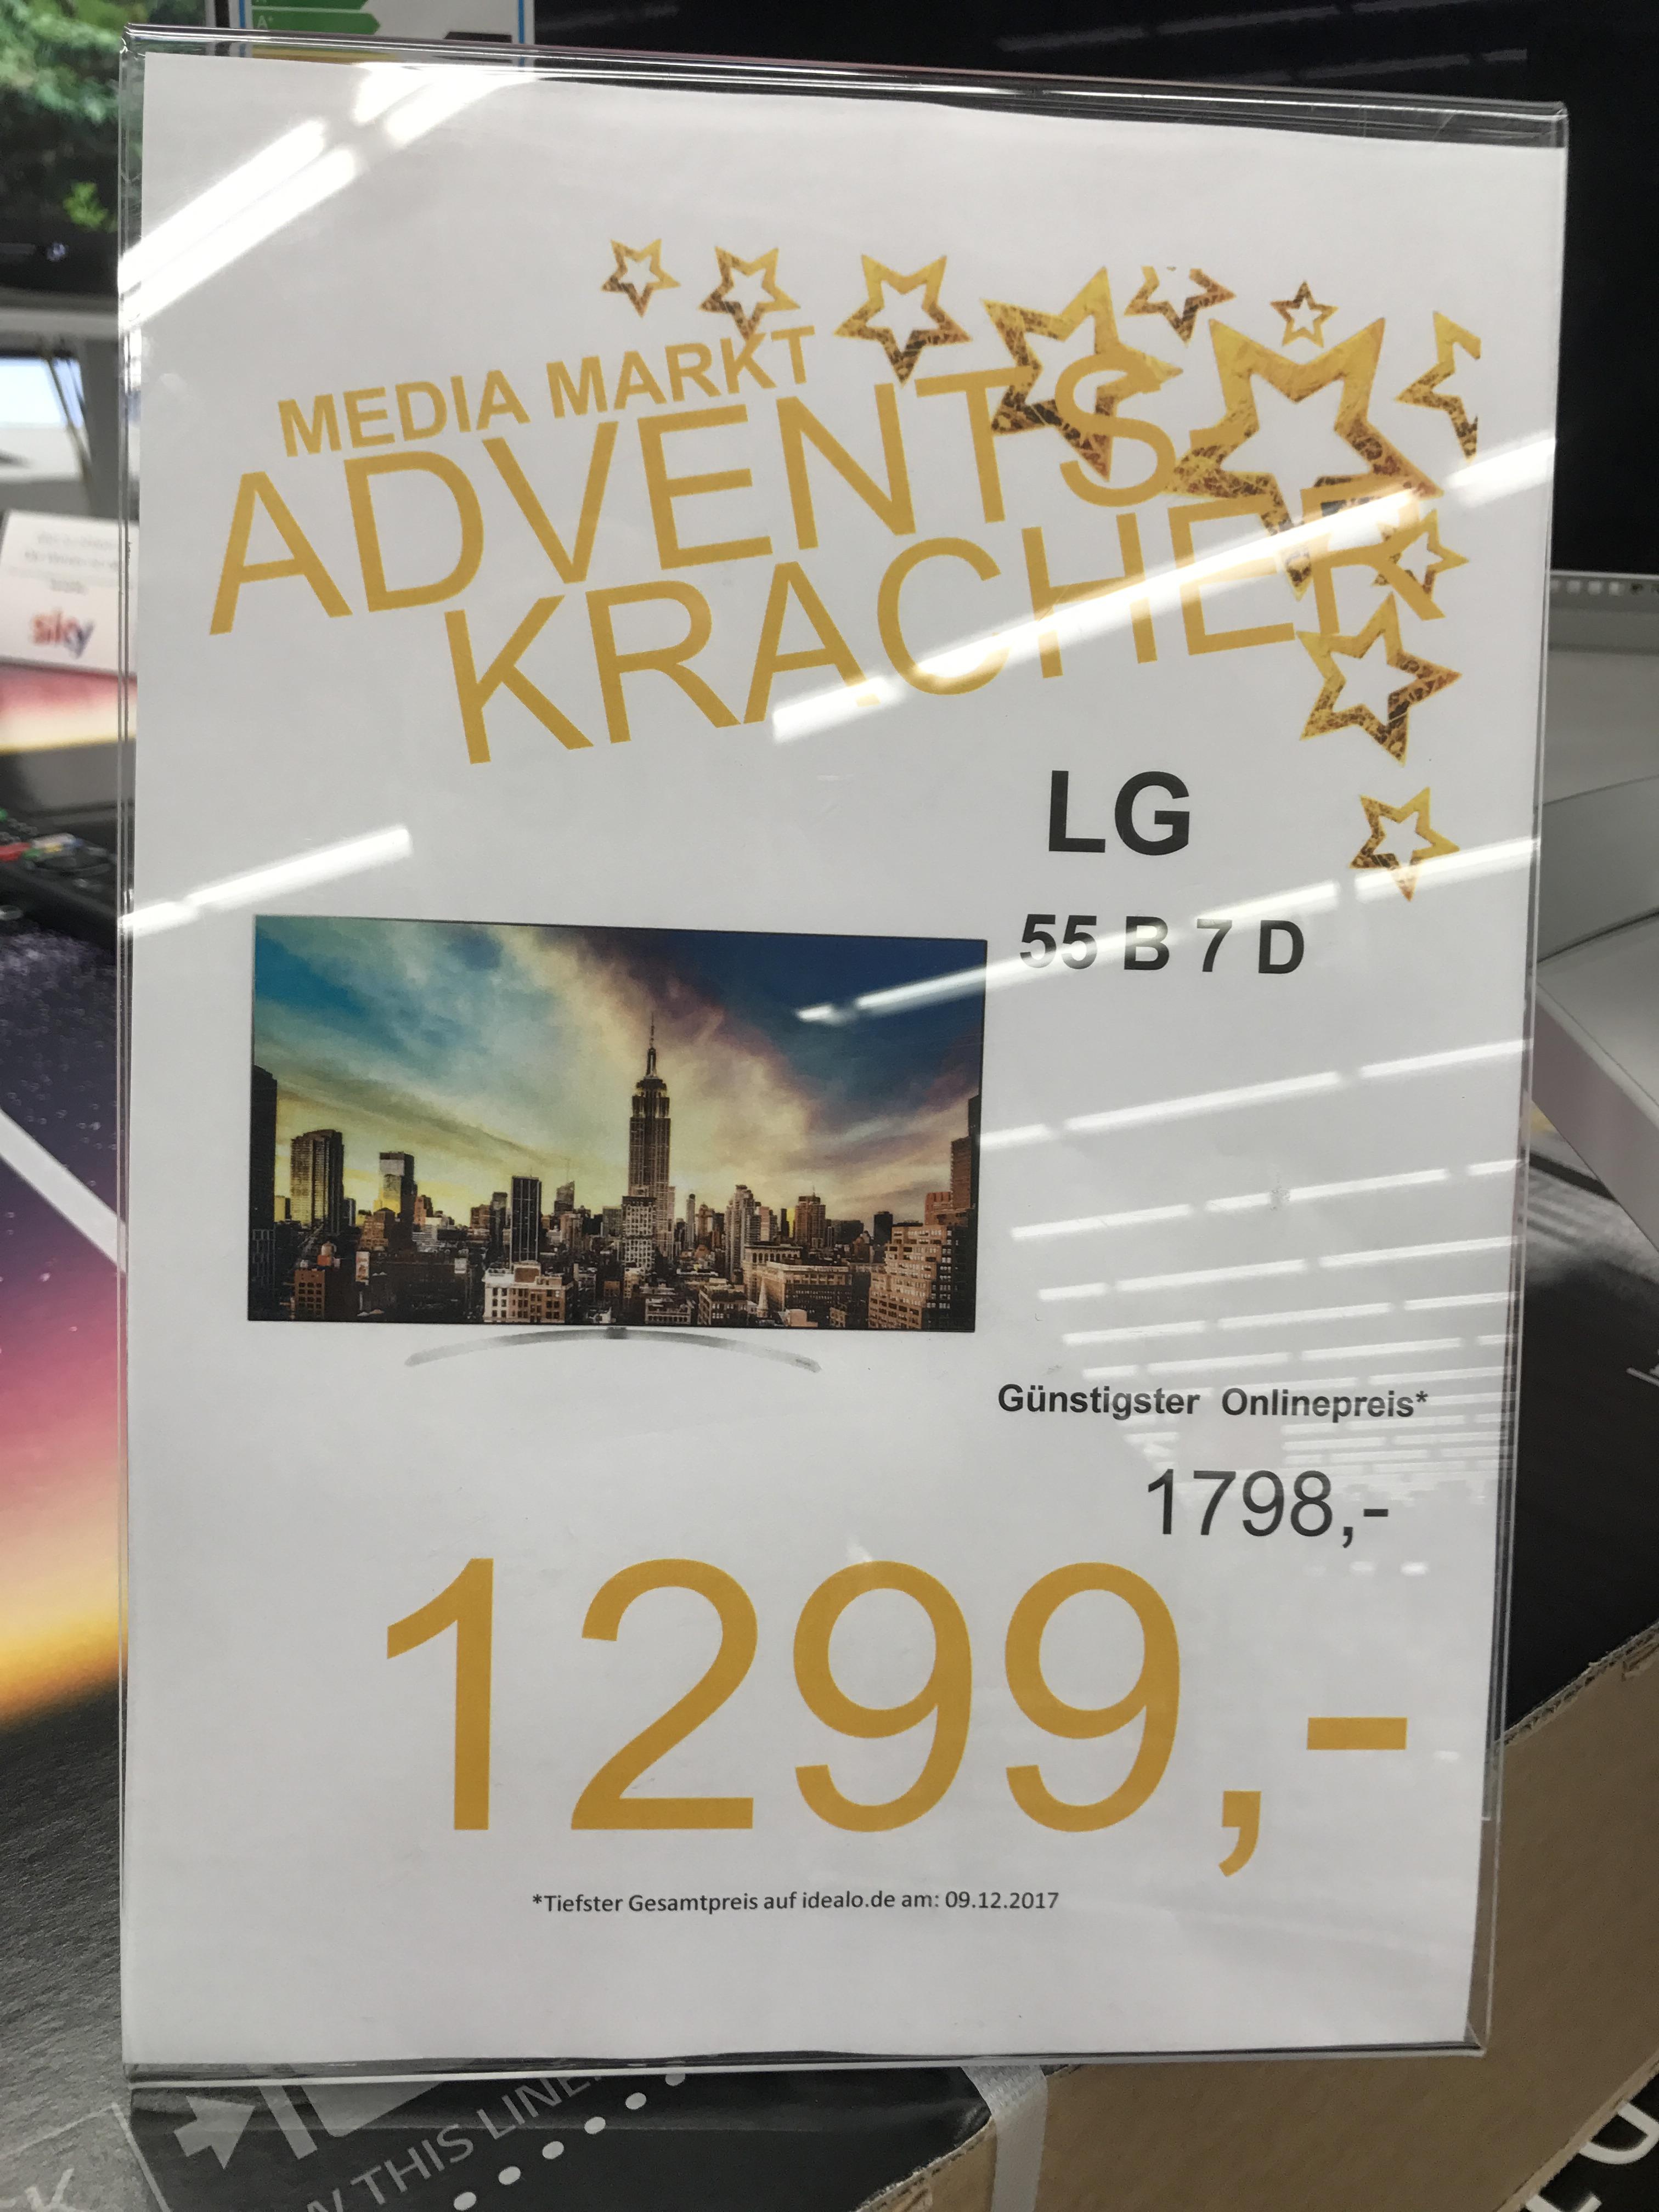 Mediamarkt Elmshorn: LG - OLED - 55B7D - 1299€